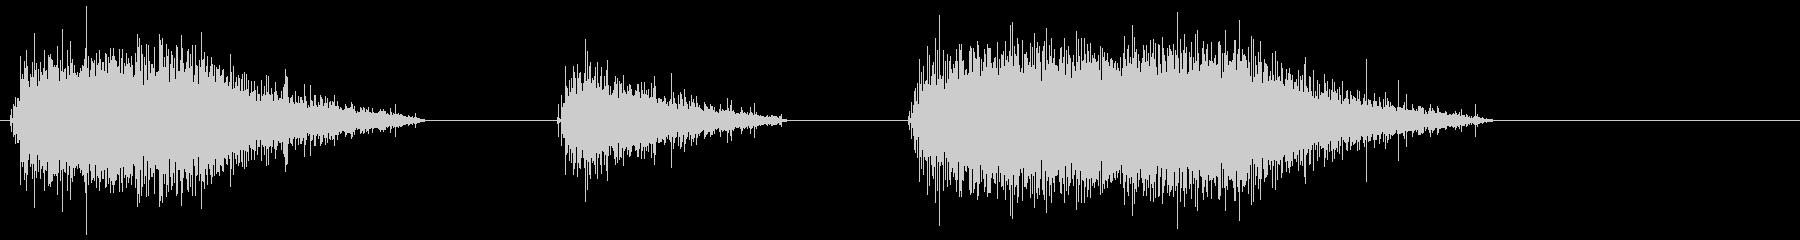 電気のこぎり-ハンドヘルド-オン-...の未再生の波形